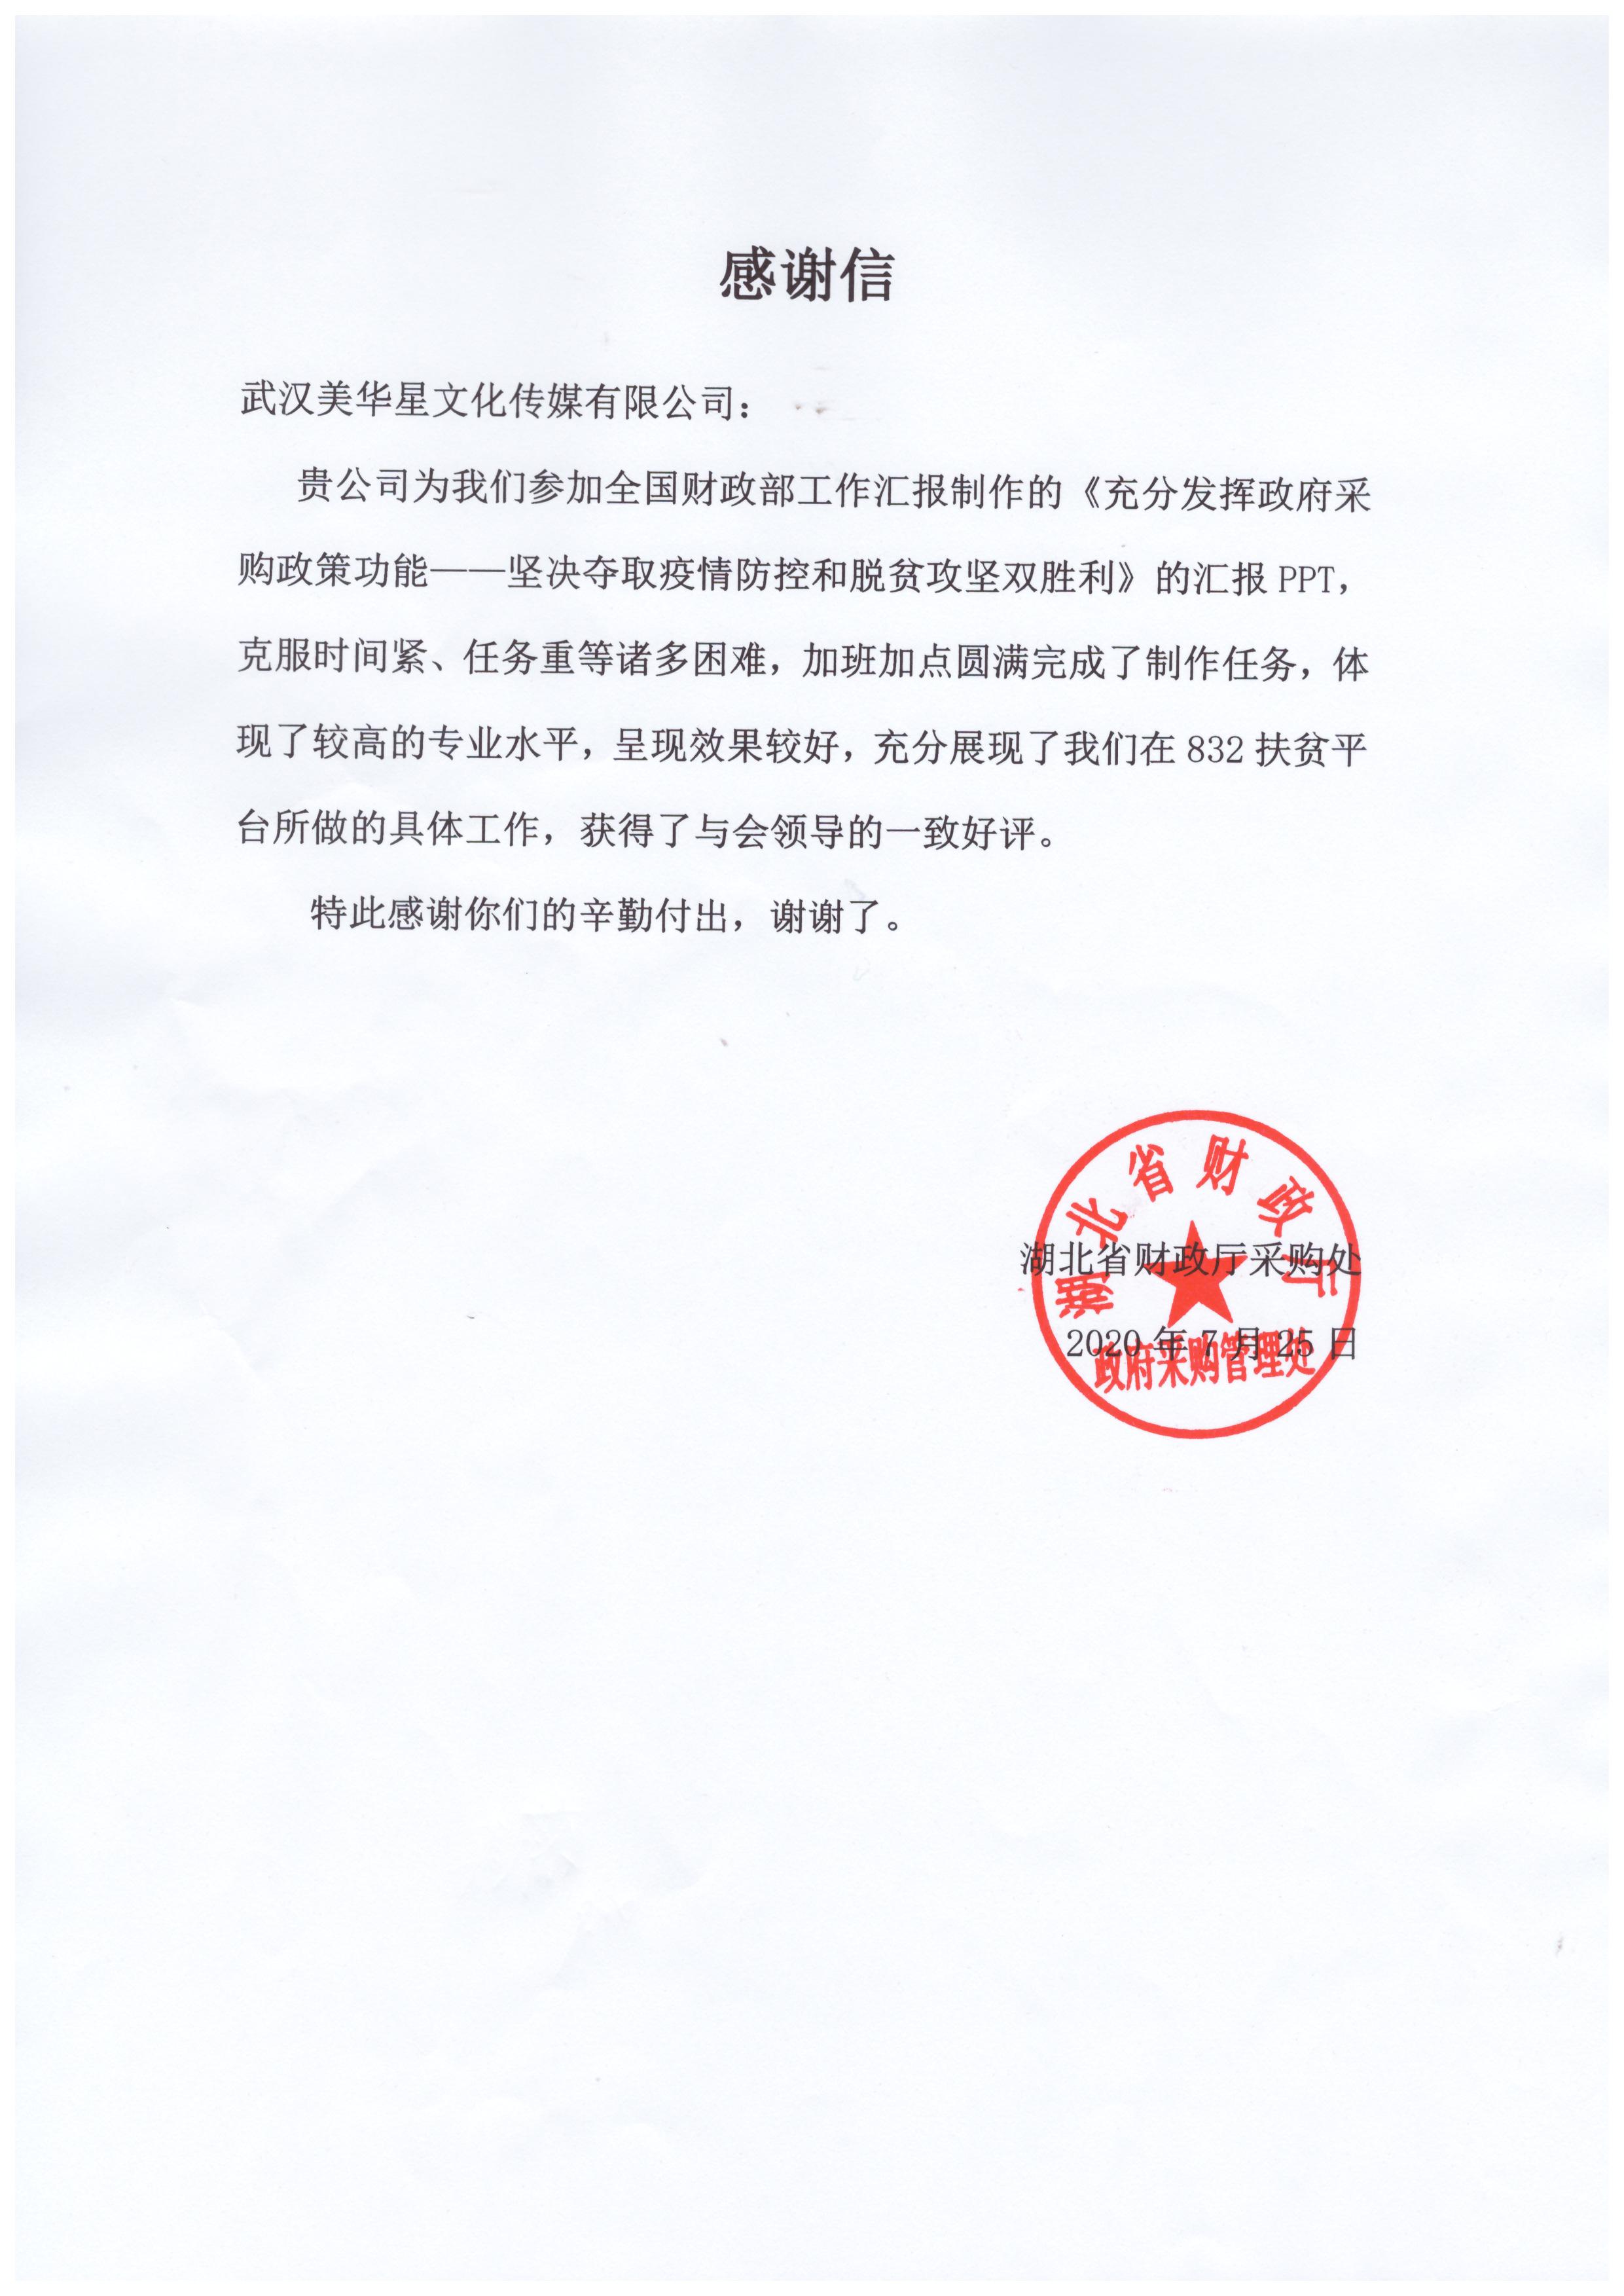 省财政厅PPT感谢信